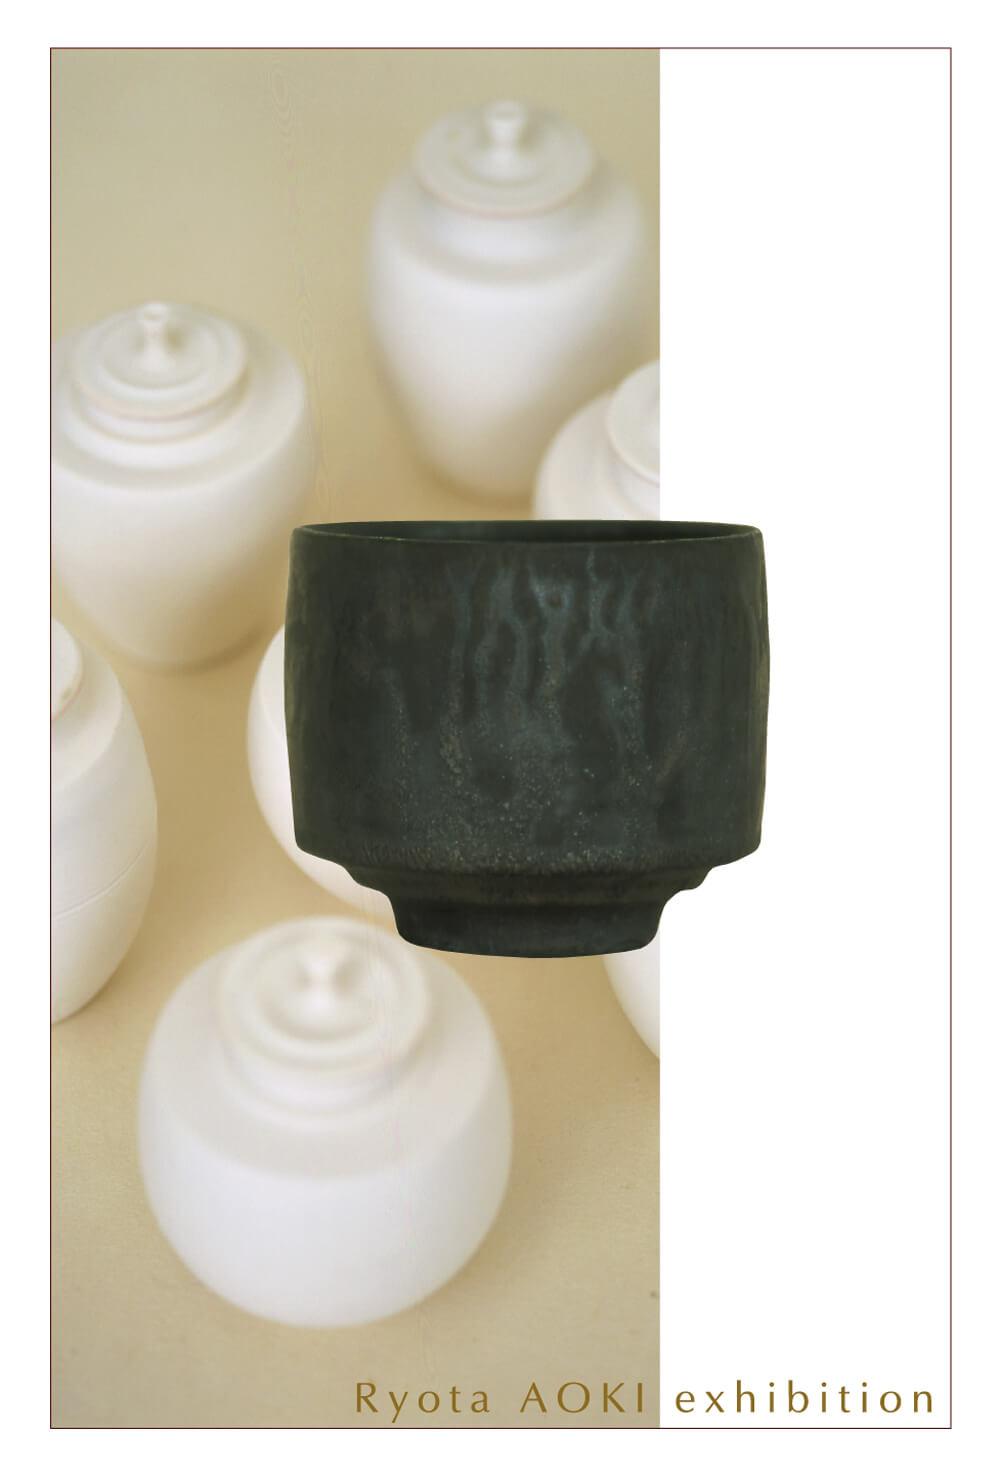 2008年5月8日から開催の「青木 良太 陶展」のDM画像